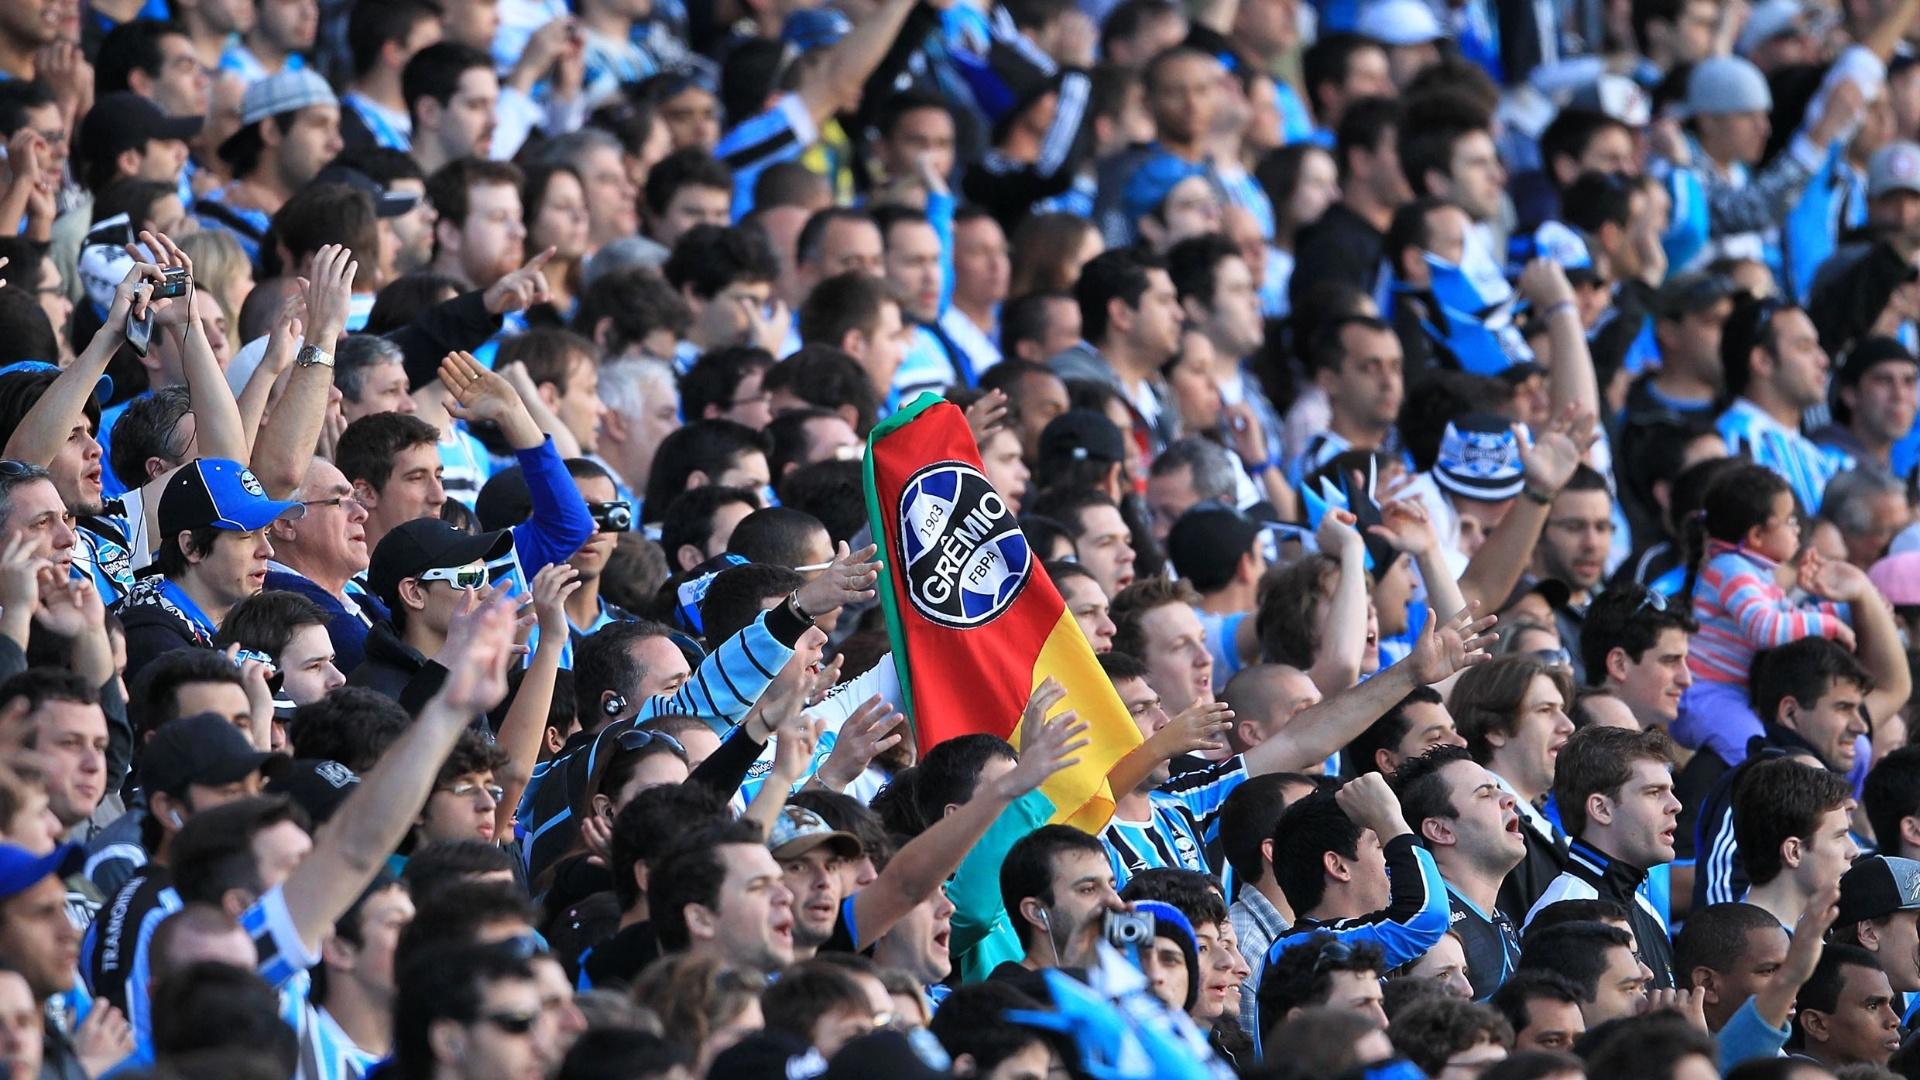 85cb916ccb7cb Grêmio irá ressarcir torcedores com ingressos que não tiveram acesso ao  Olímpico - 06 09 2012 - UOL Esporte